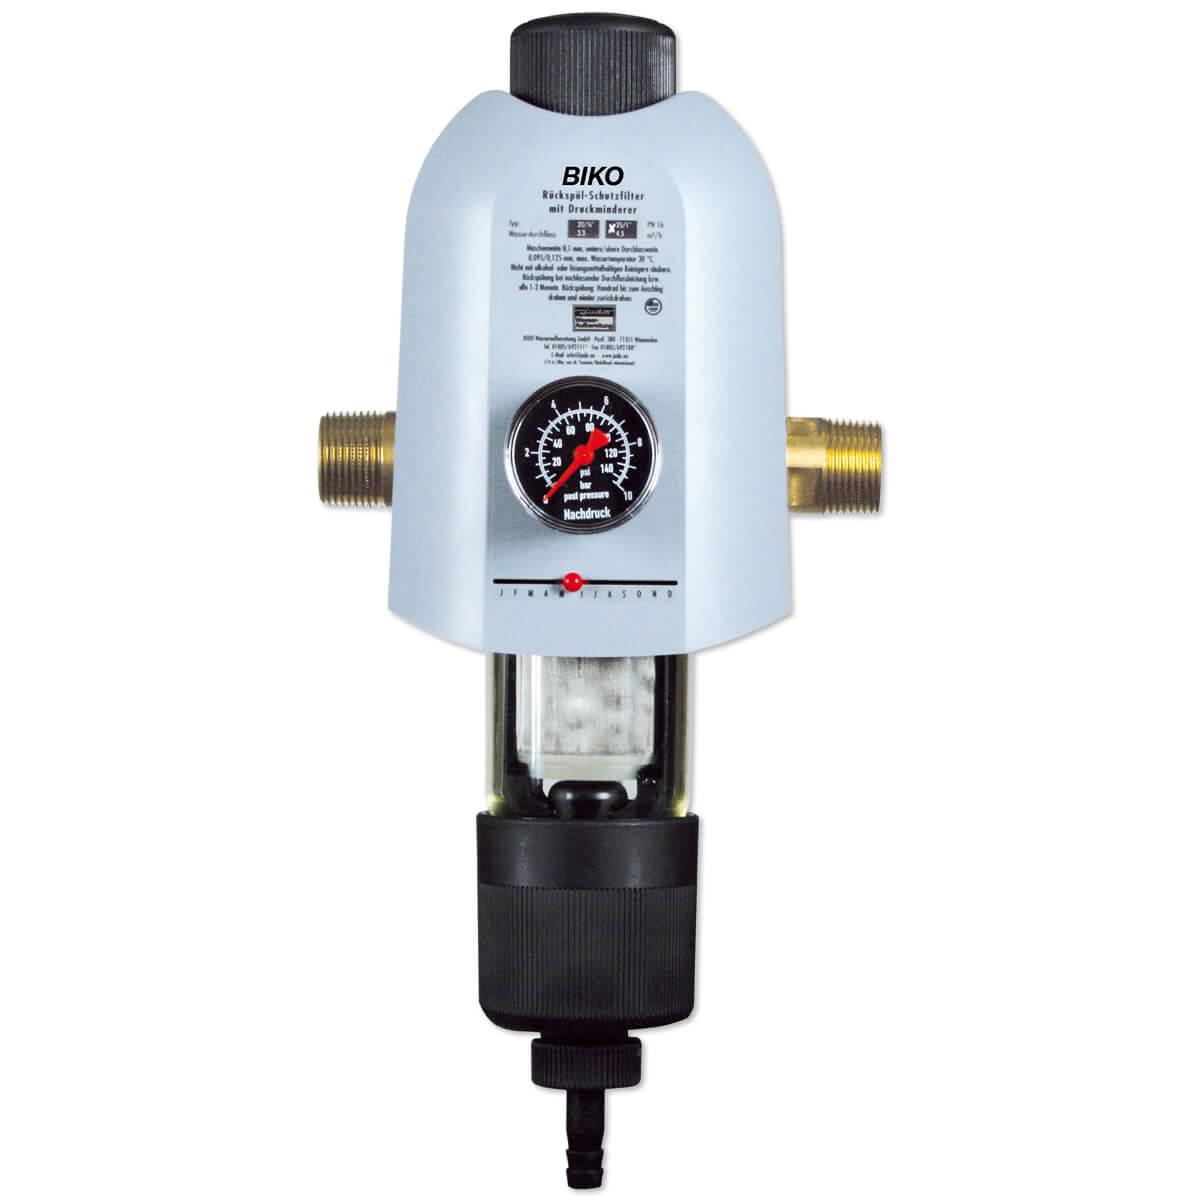 Häufig Hauswasserstation JUDO Biko mit Rückspülfilter, Druckminderer AM86